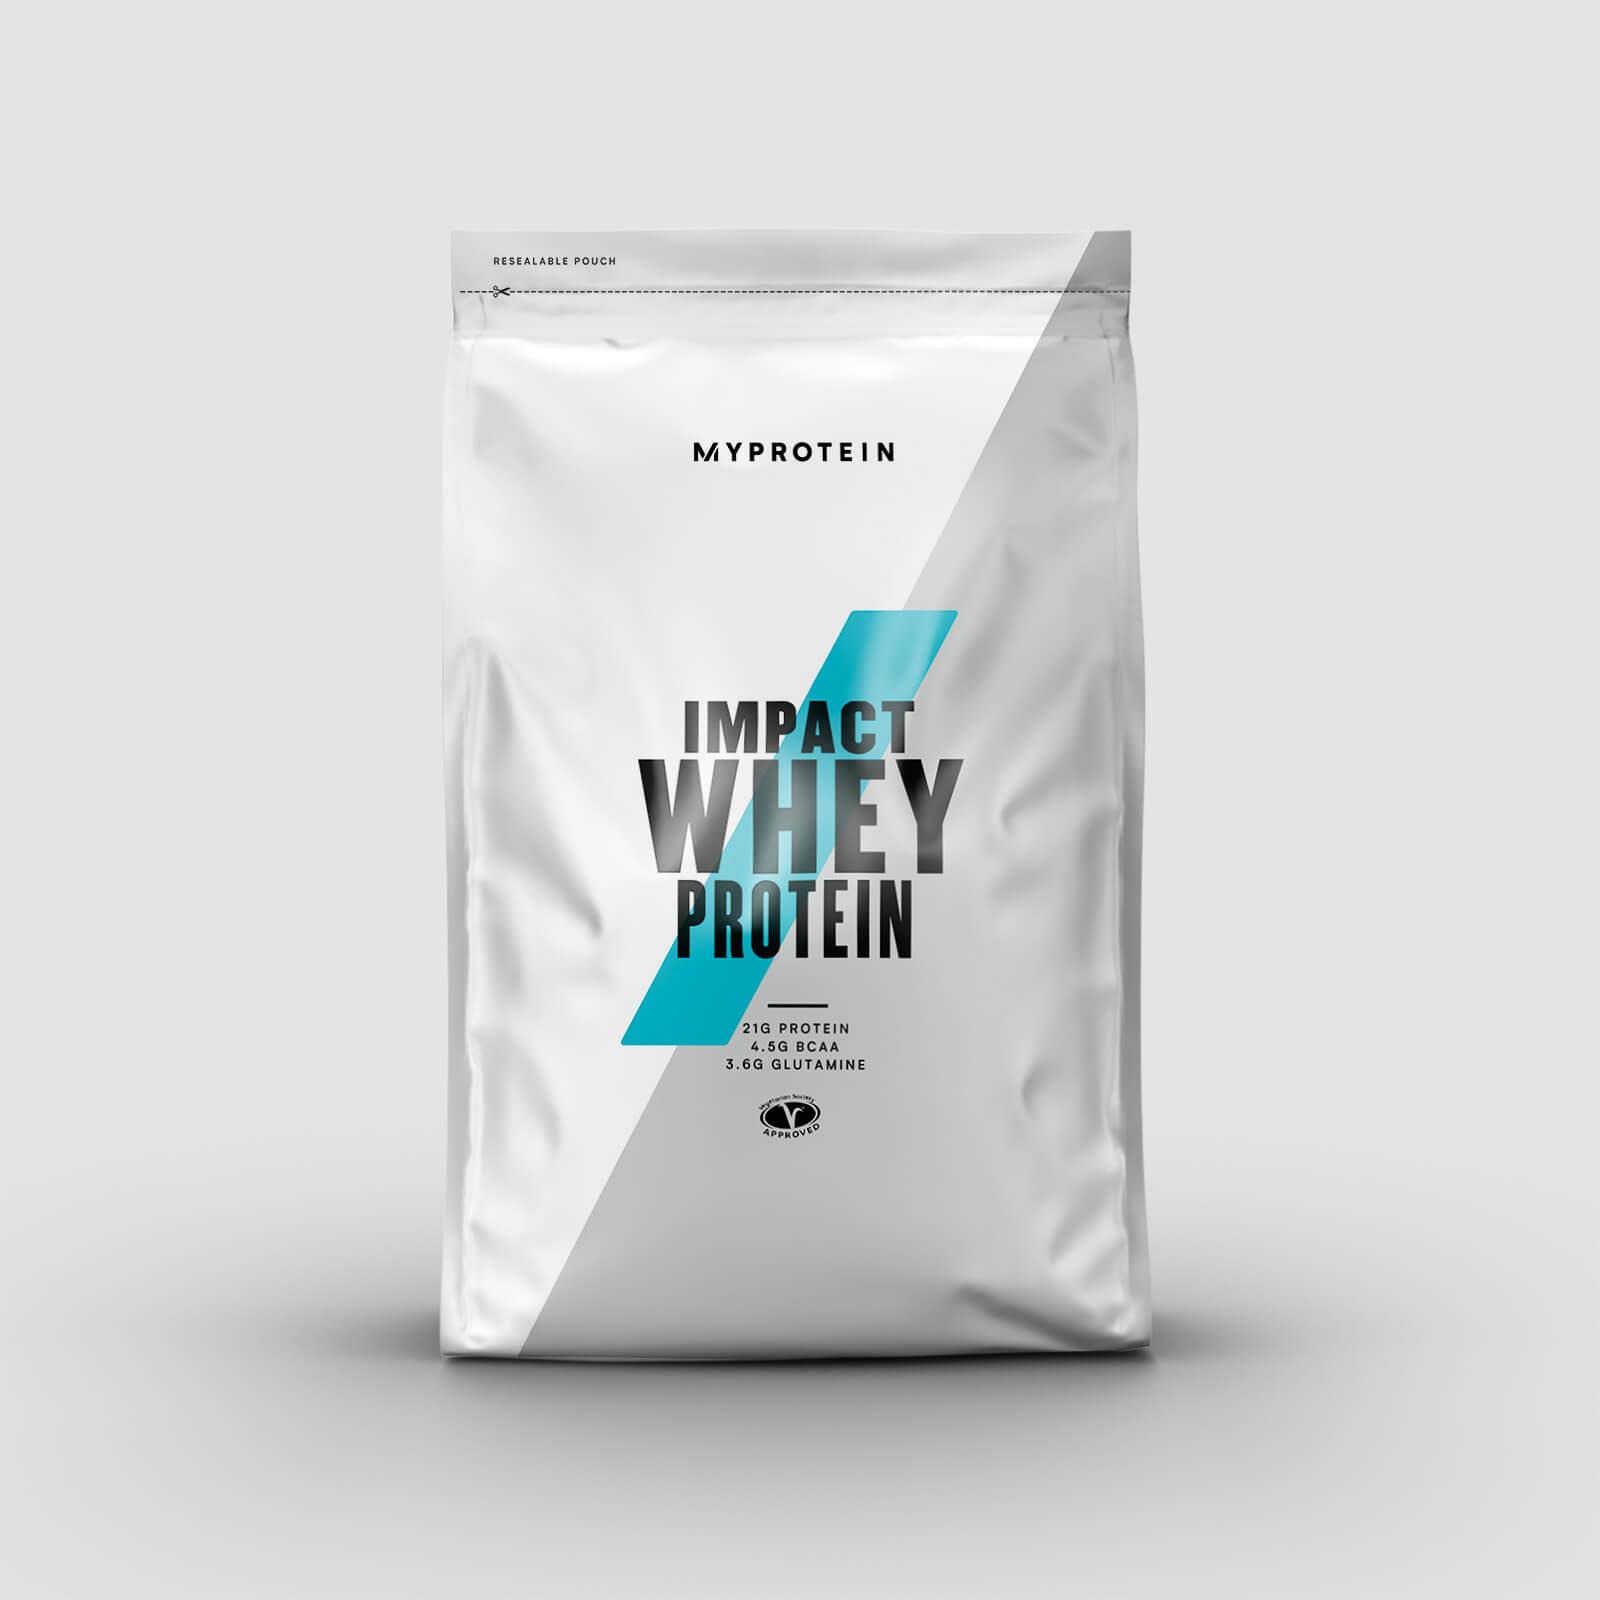 Myprotein Impact Whey Protein - 1kg - Sirop Doré